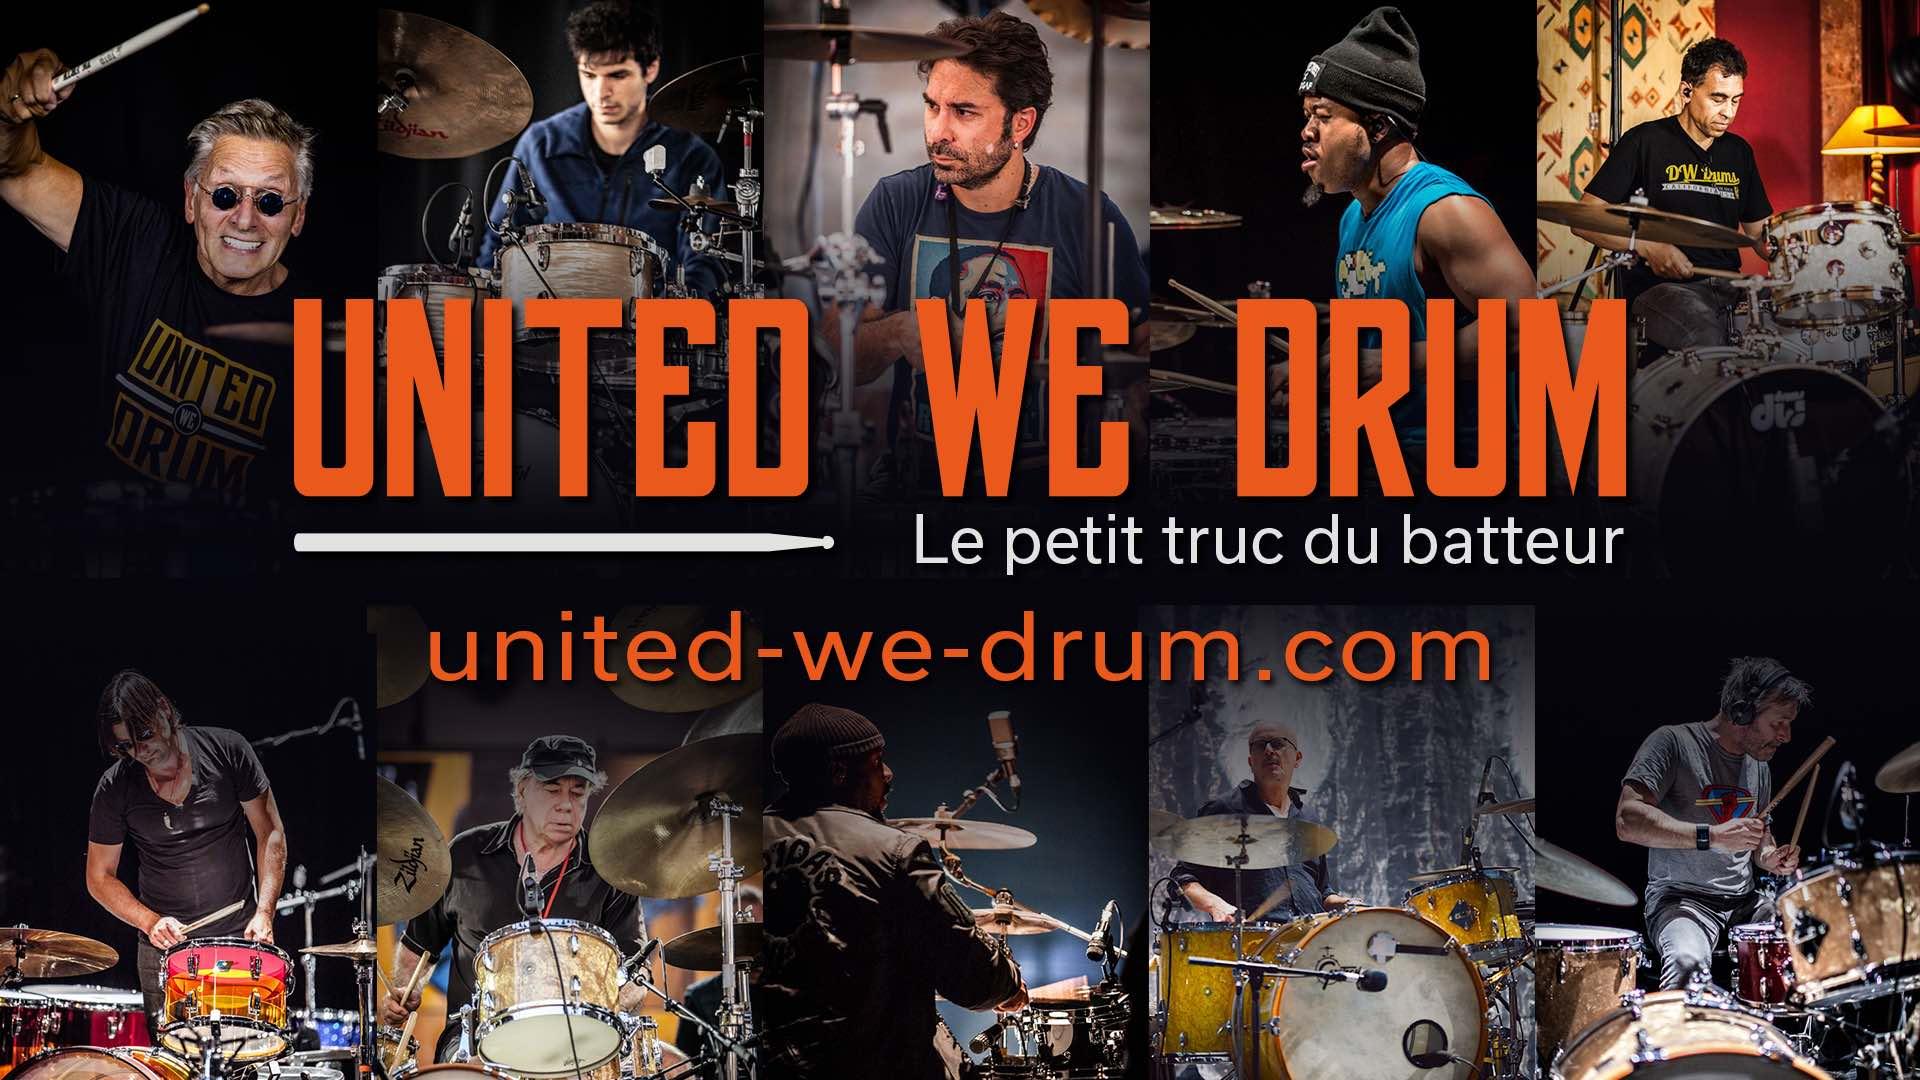 UnitedWeDrum